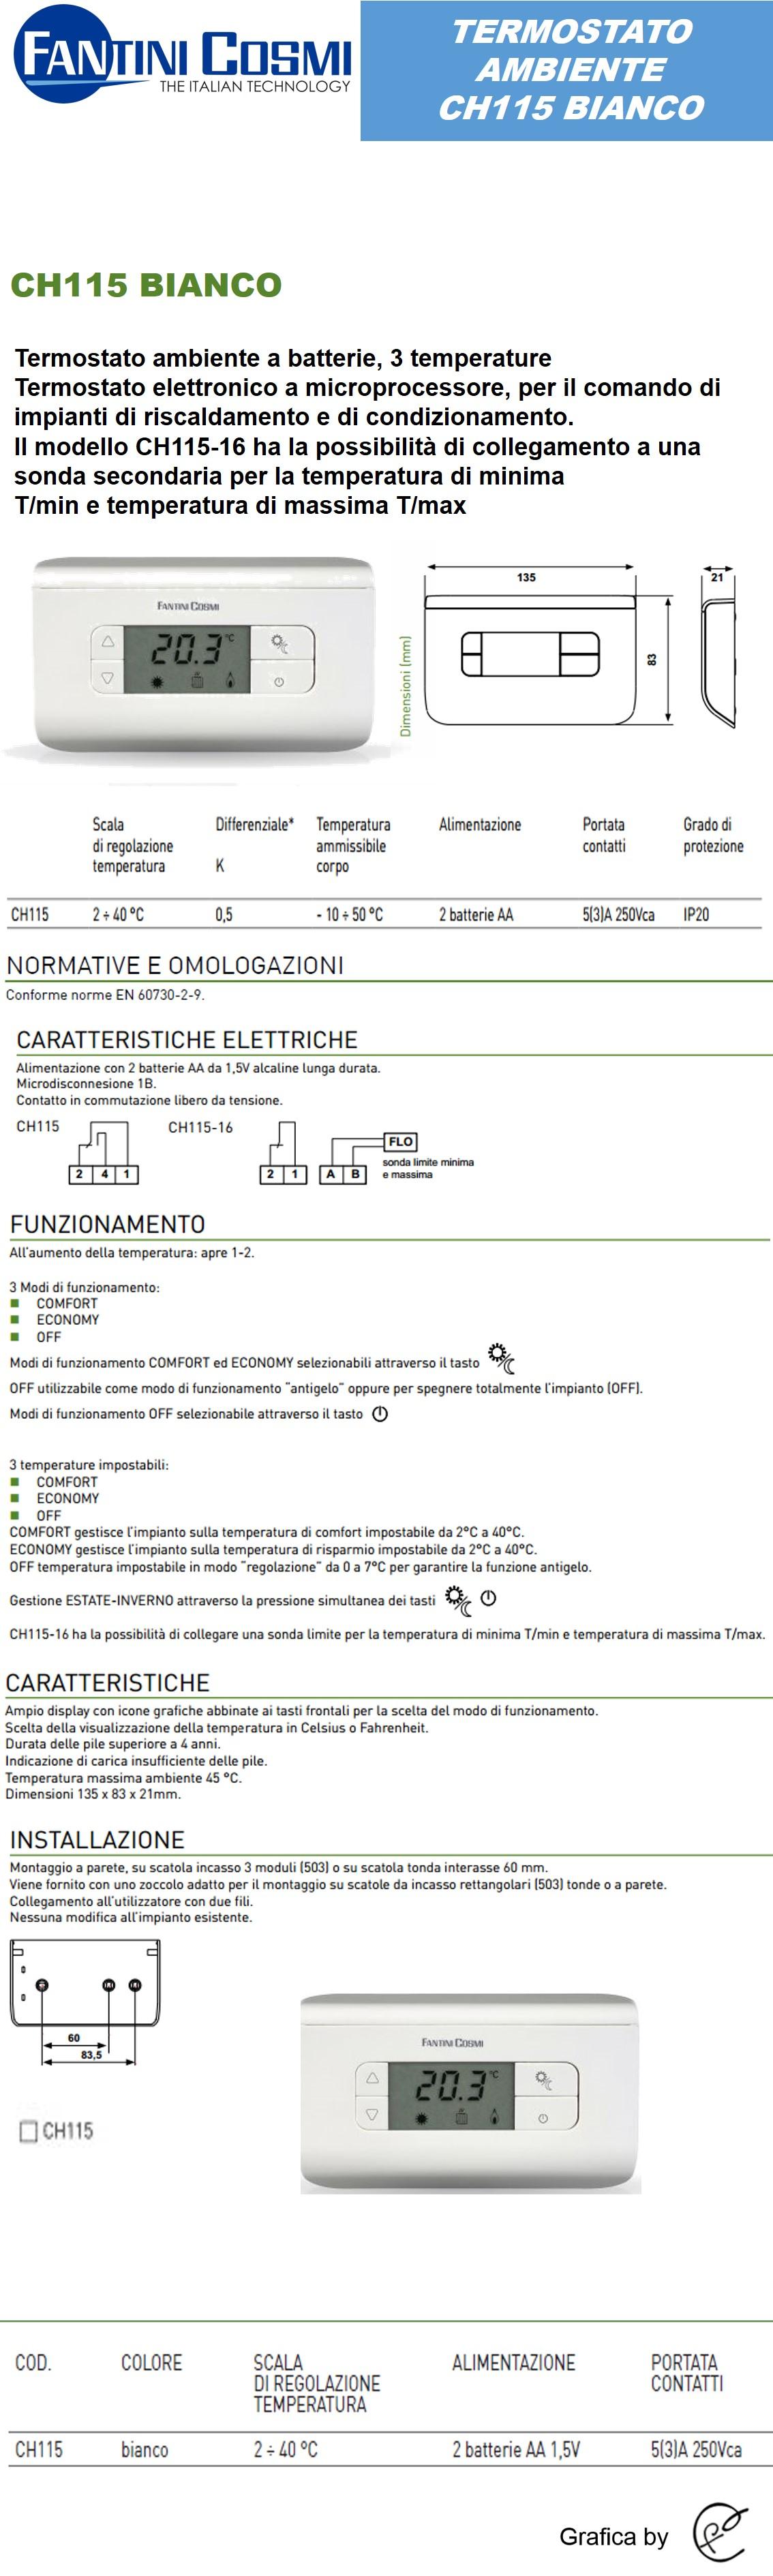 Termostato digitale microprocessore 3temperature ch115 for Fantini cosmi ch115